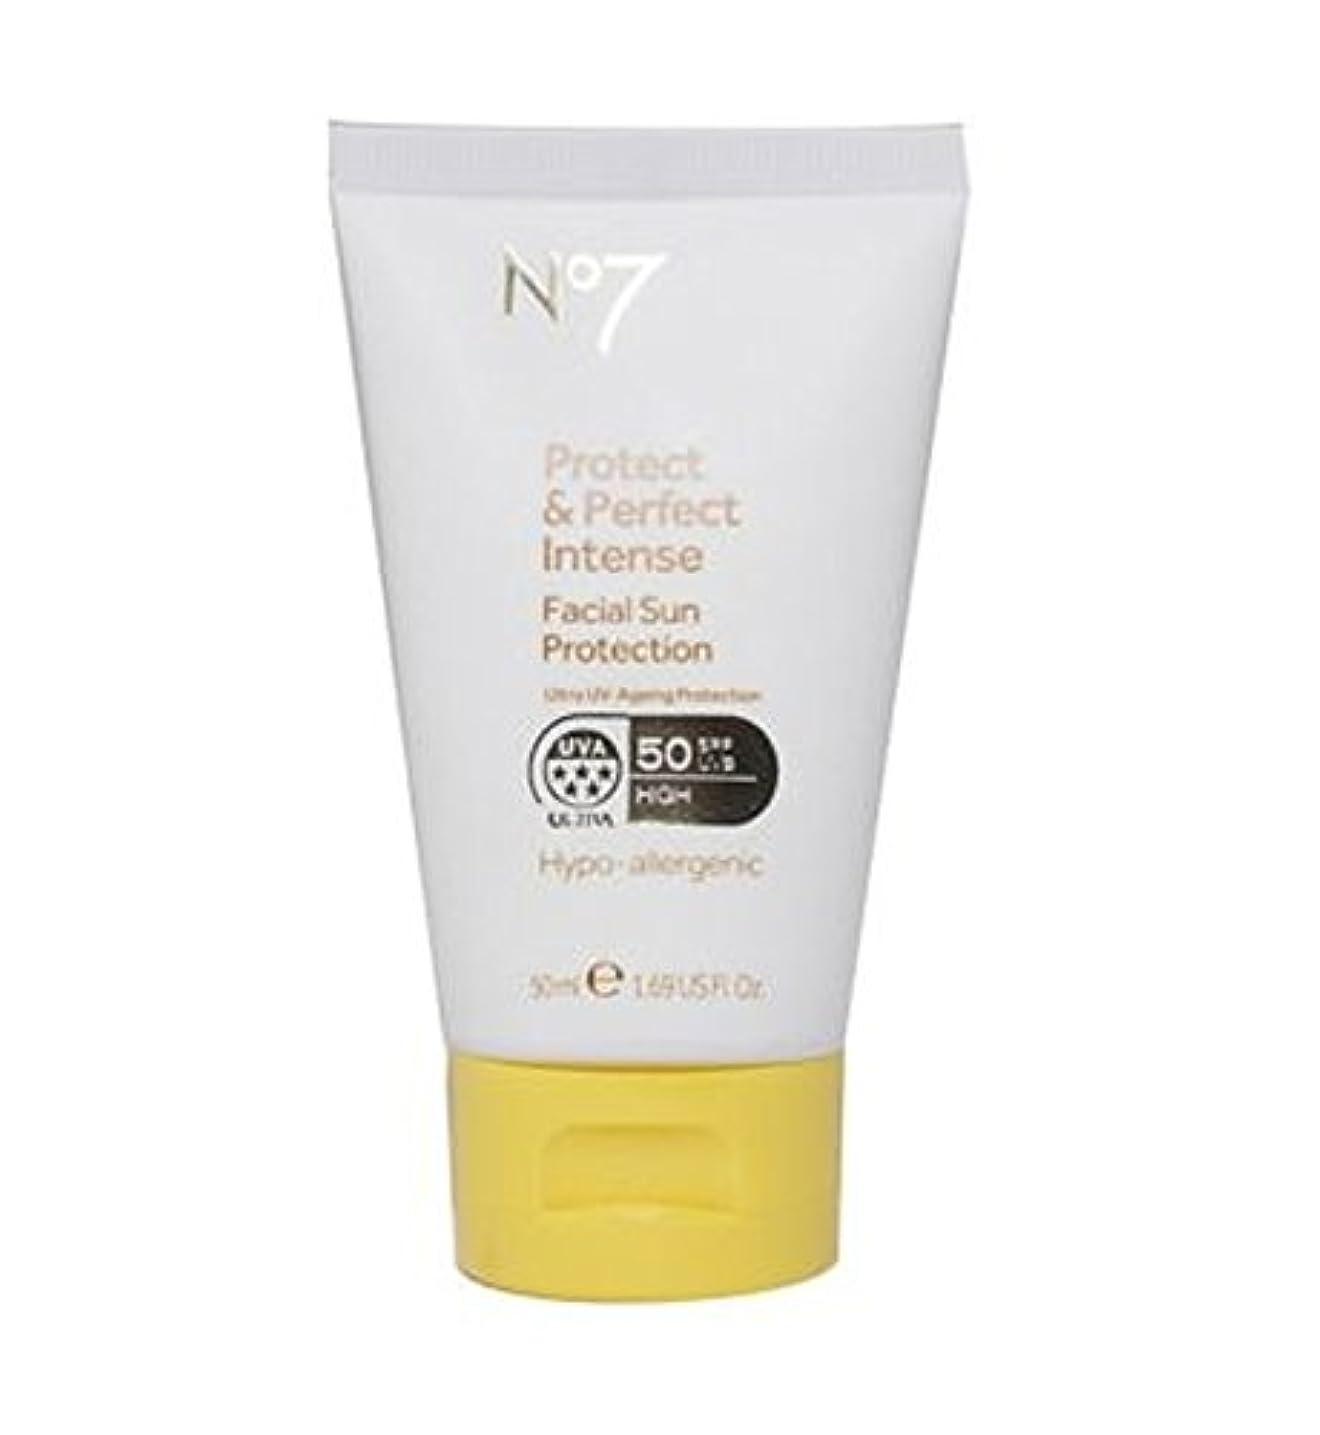 船乗りアジア人好色なNo7保護&完璧な強烈な顔の日焼け防止Spf 50 50ミリリットル (No7) (x2) - No7 Protect & Perfect Intense Facial Sun Protection SPF 50 50ml...